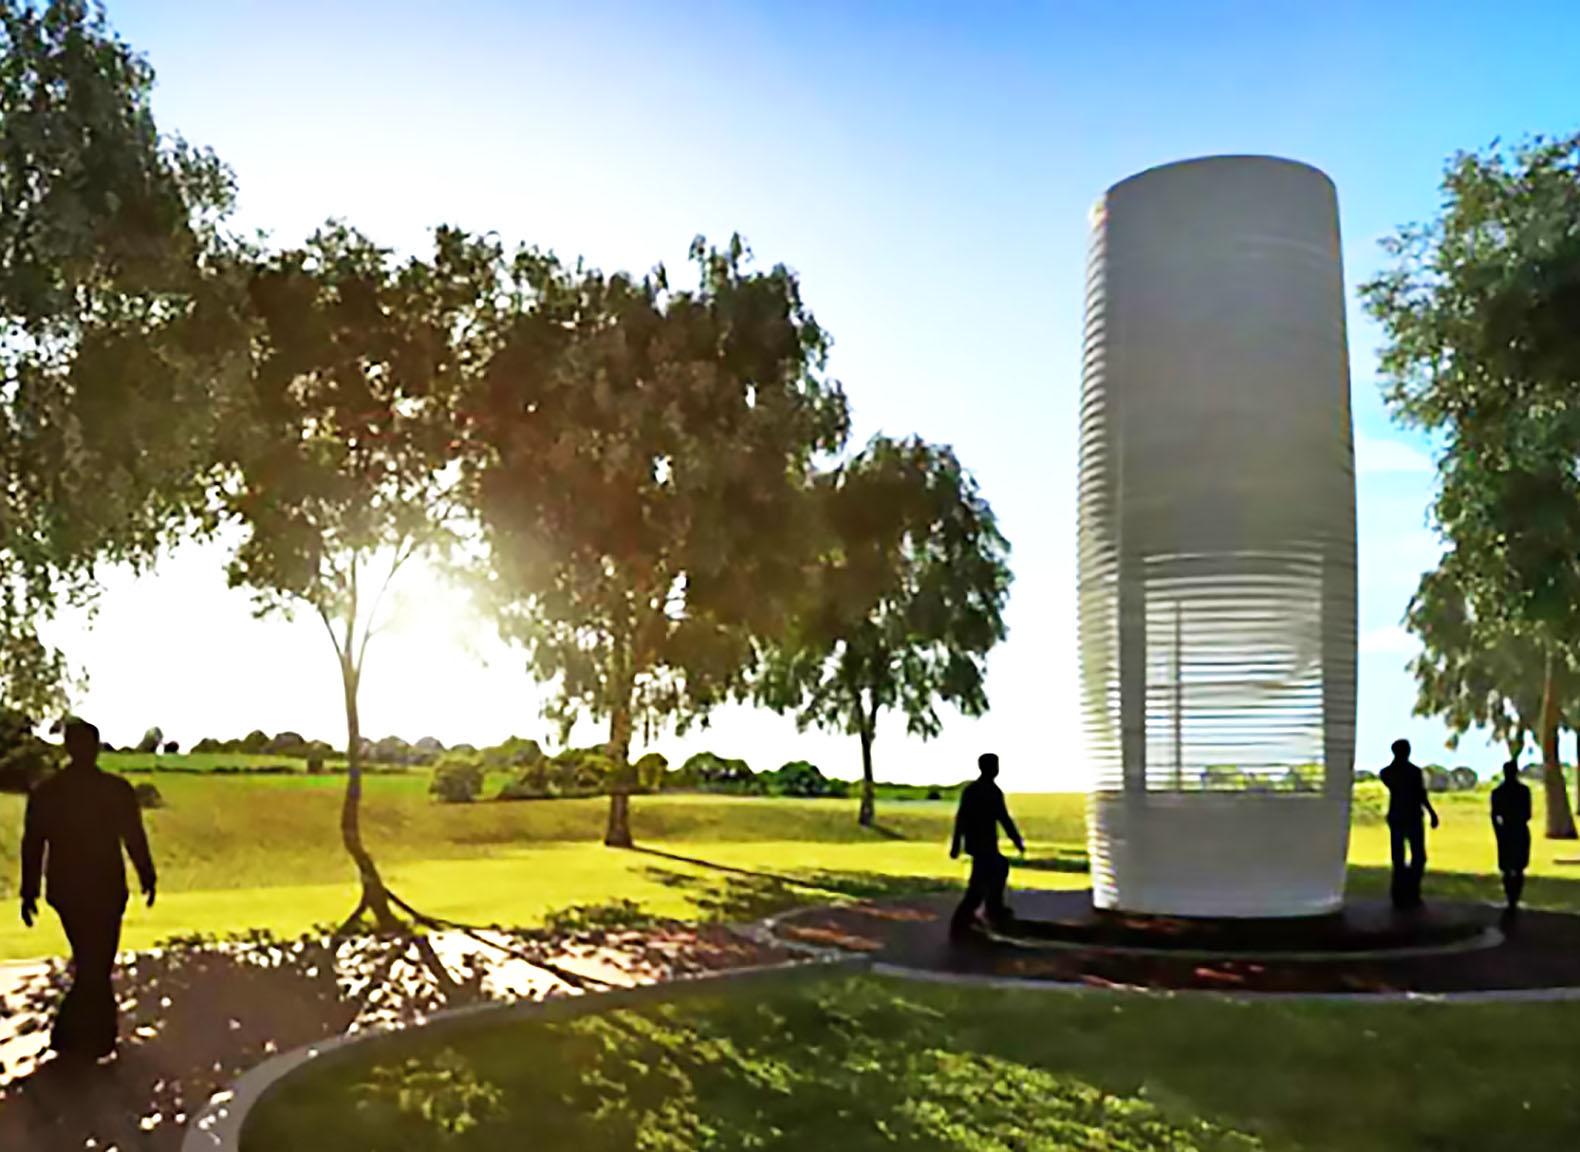 diseño-de-producto-sostenible-Smog-Free-Tower-Rotterdam-